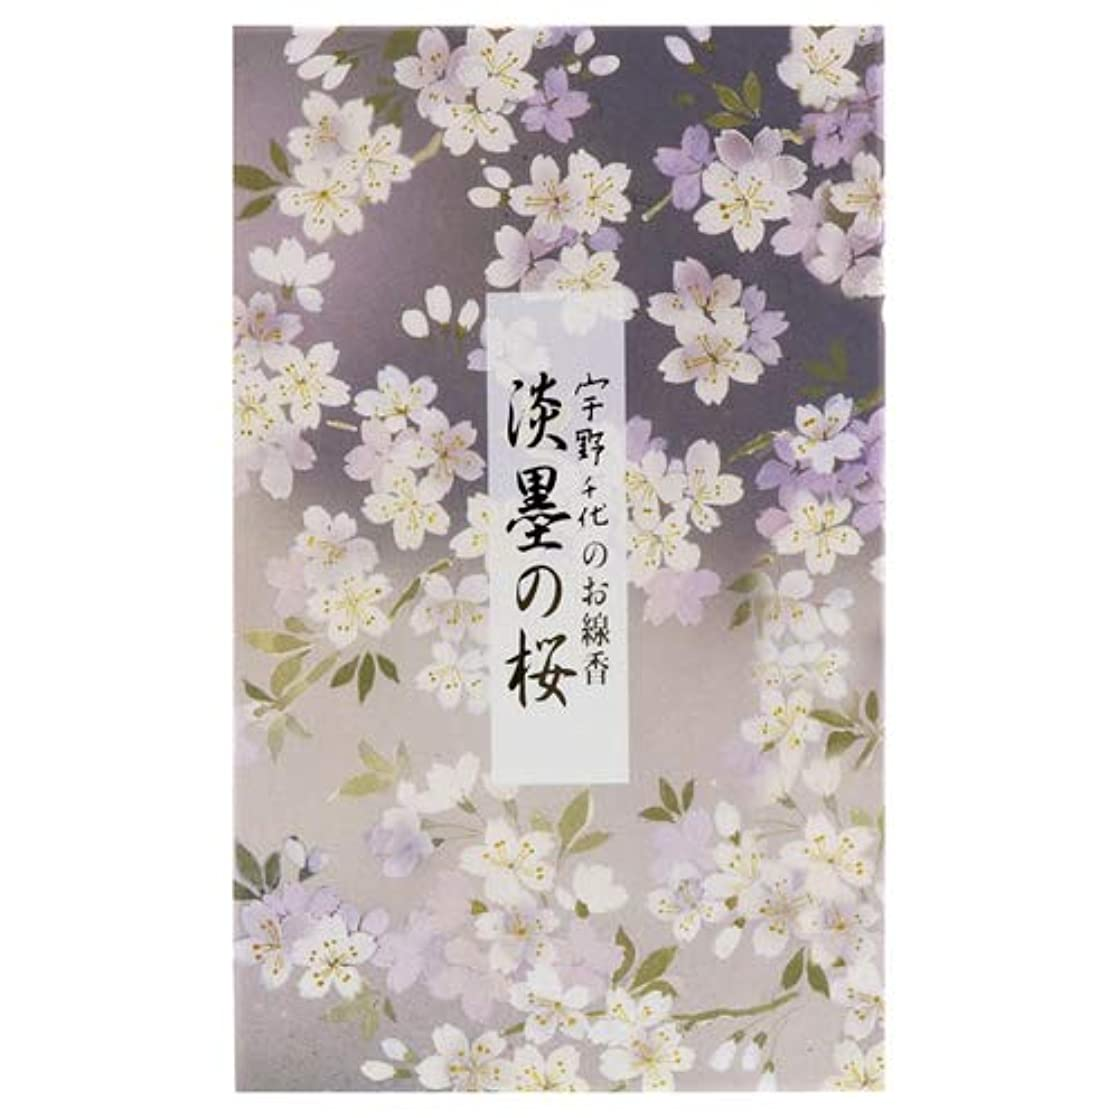 恩恵ゴールアプト宇野千代のお線香 淡墨の桜 バラ詰